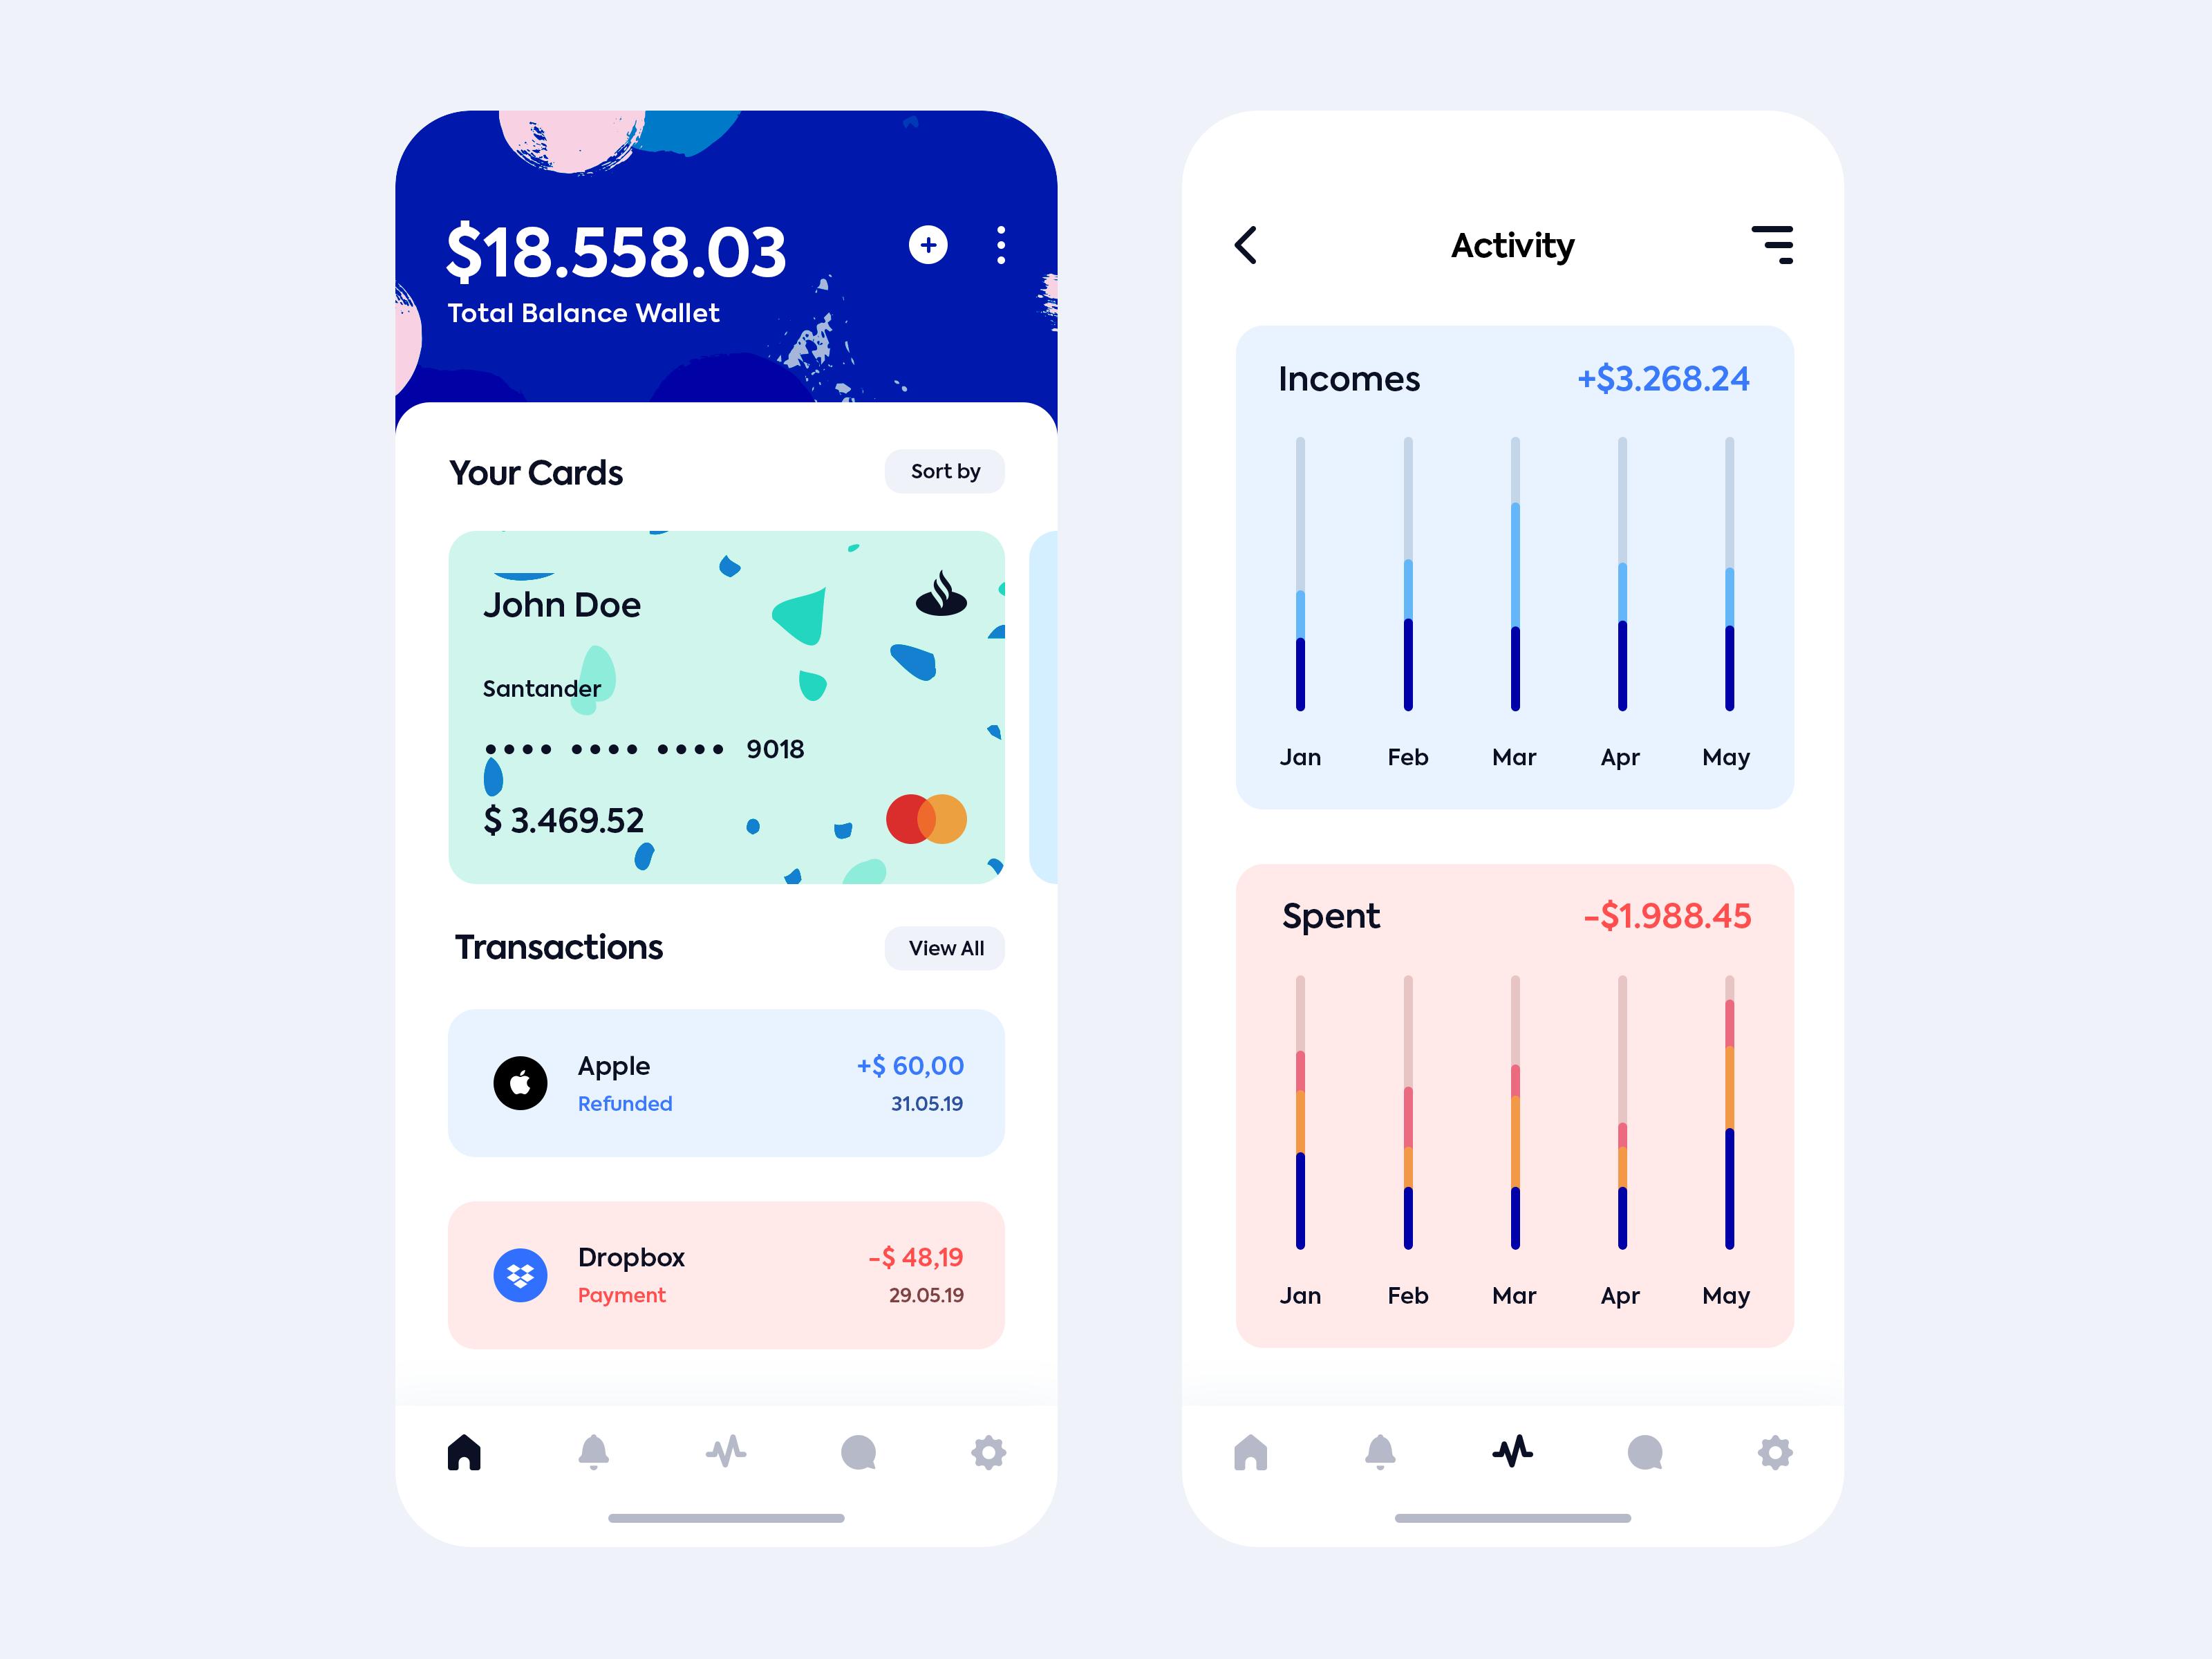 扁平化iOS风格金融支付钱包APP  Wallet App by Asylab PSD